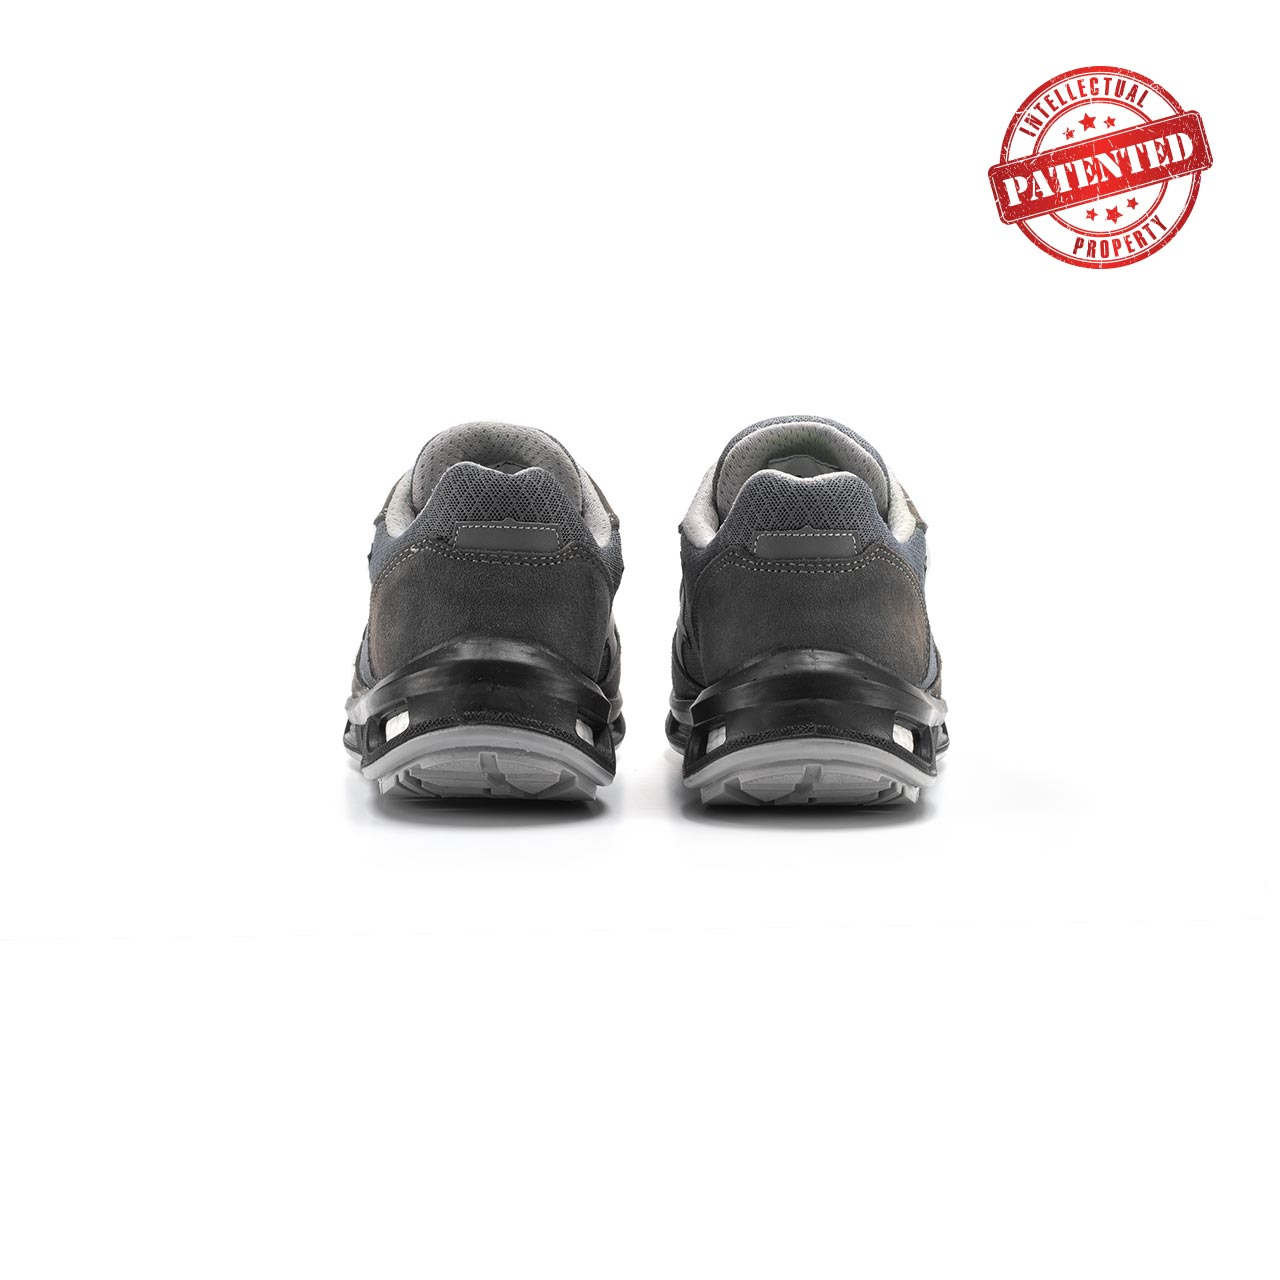 paio di scarpe antinfortunistiche upower modello push linea redlion vista retro